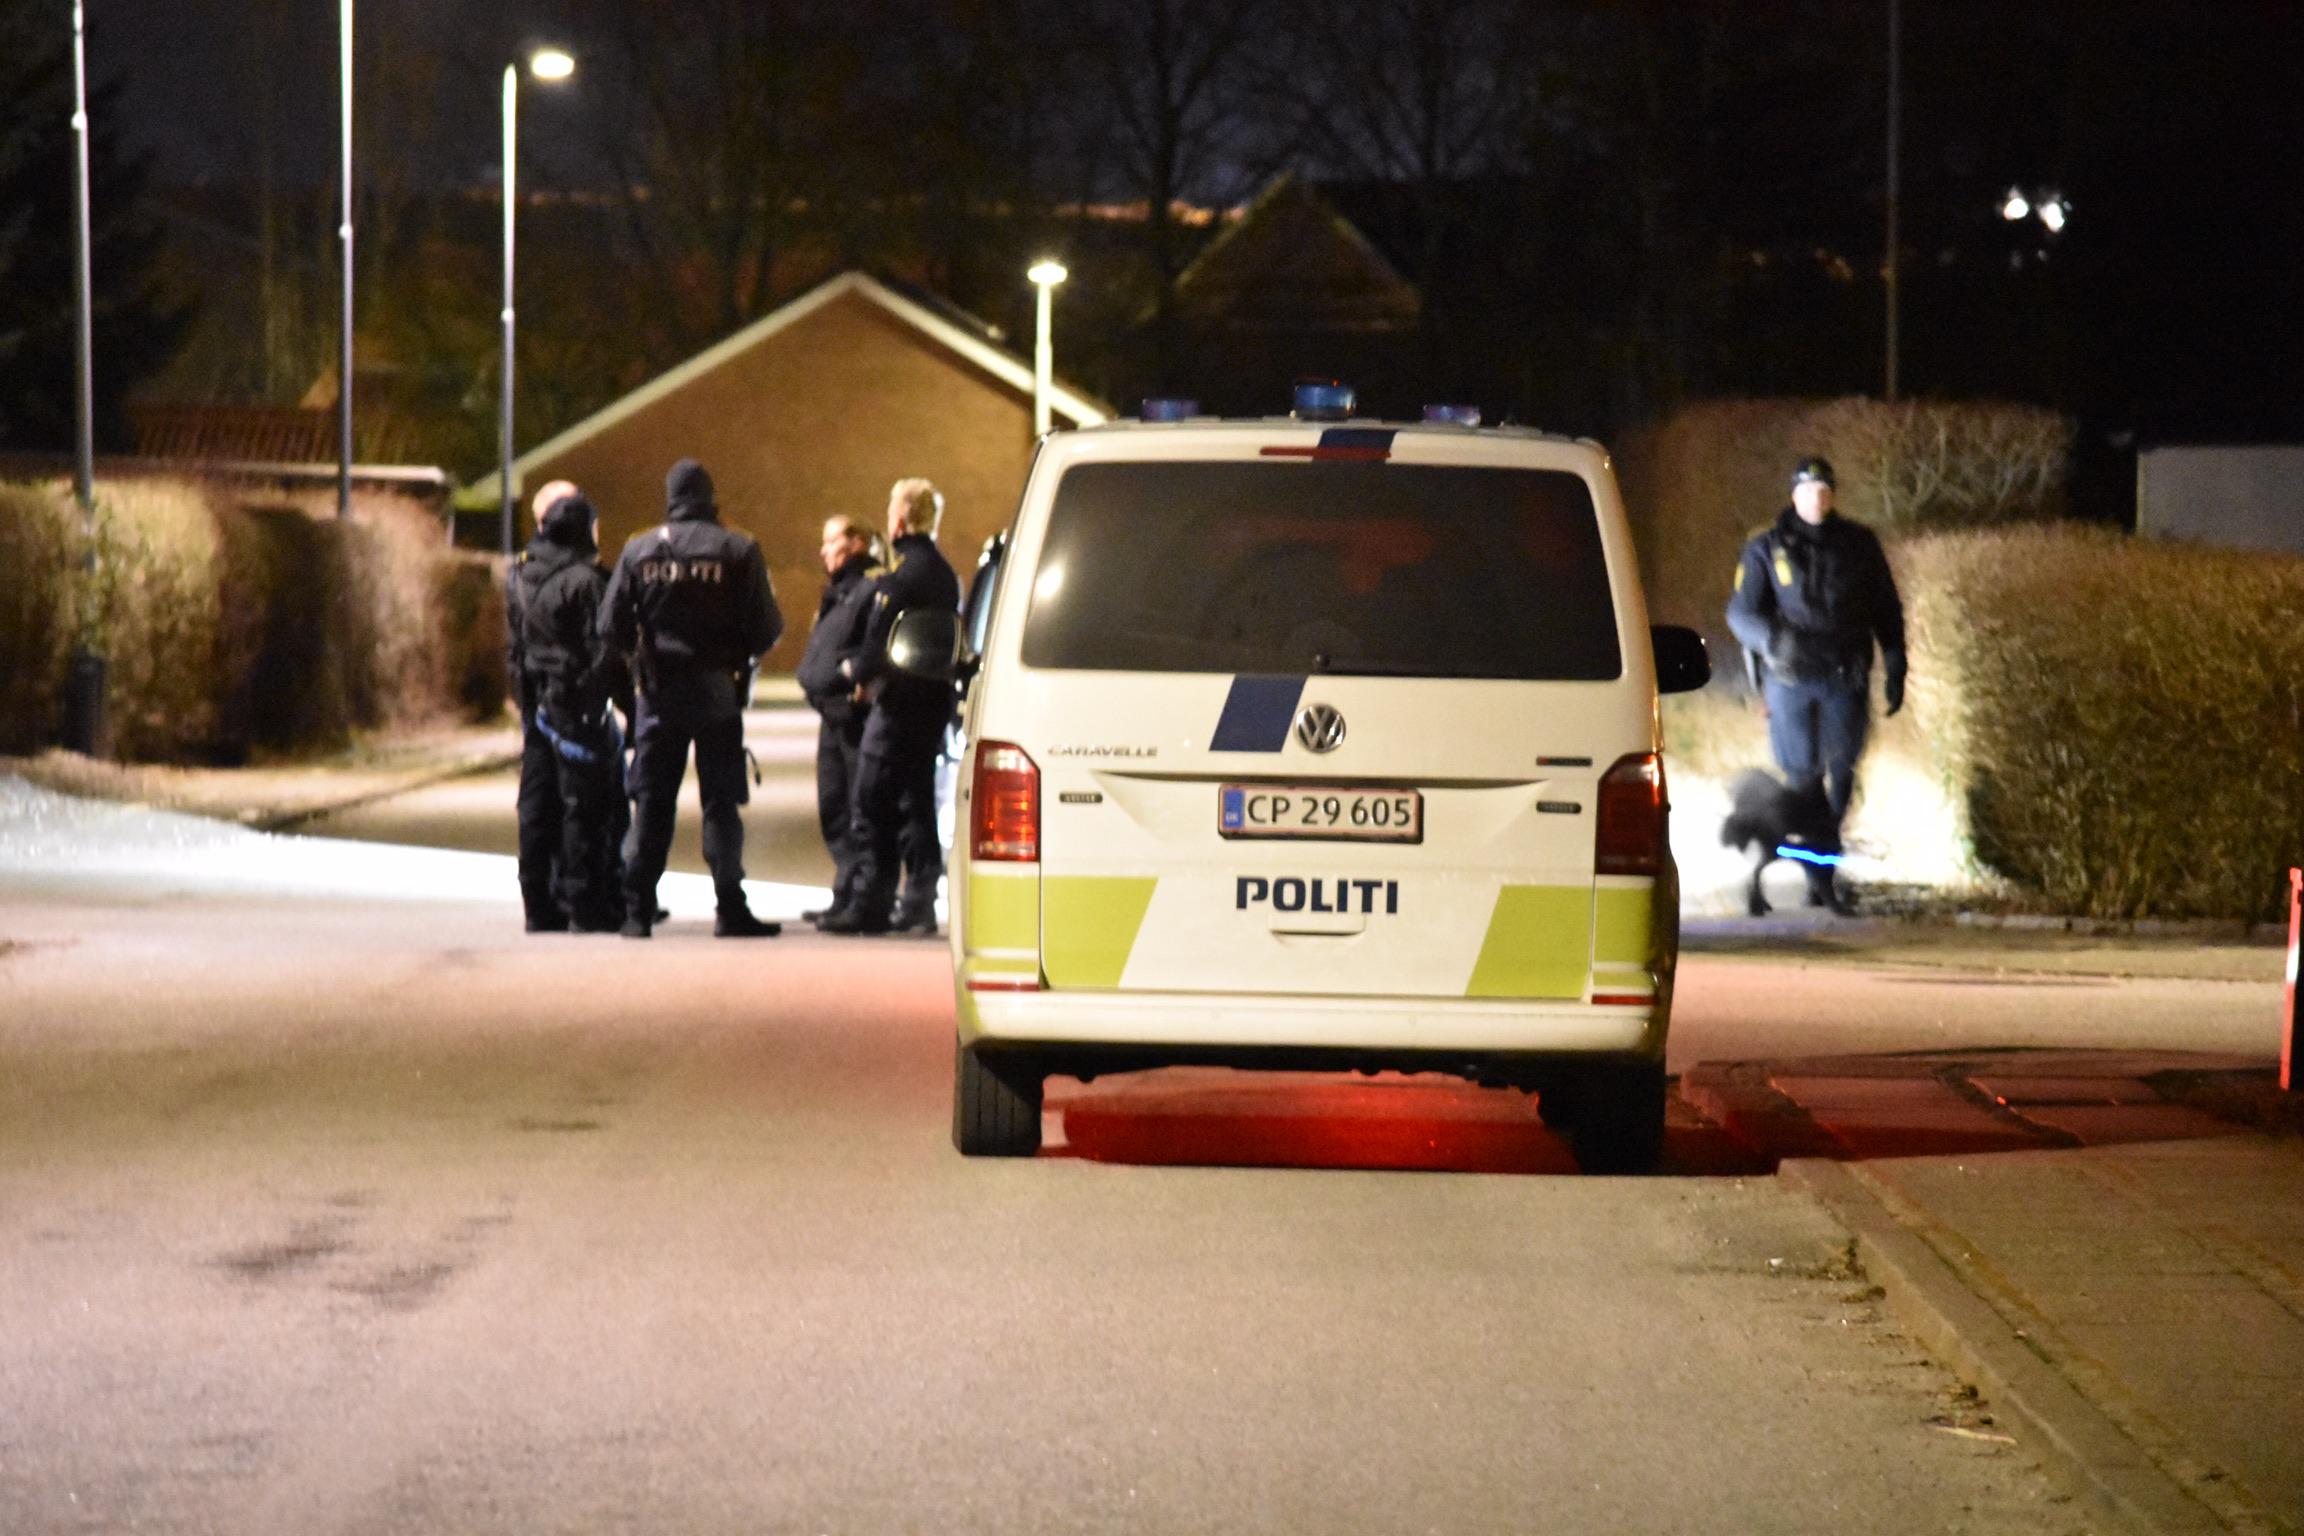 Mand bortgået - Politiet leder med hunde